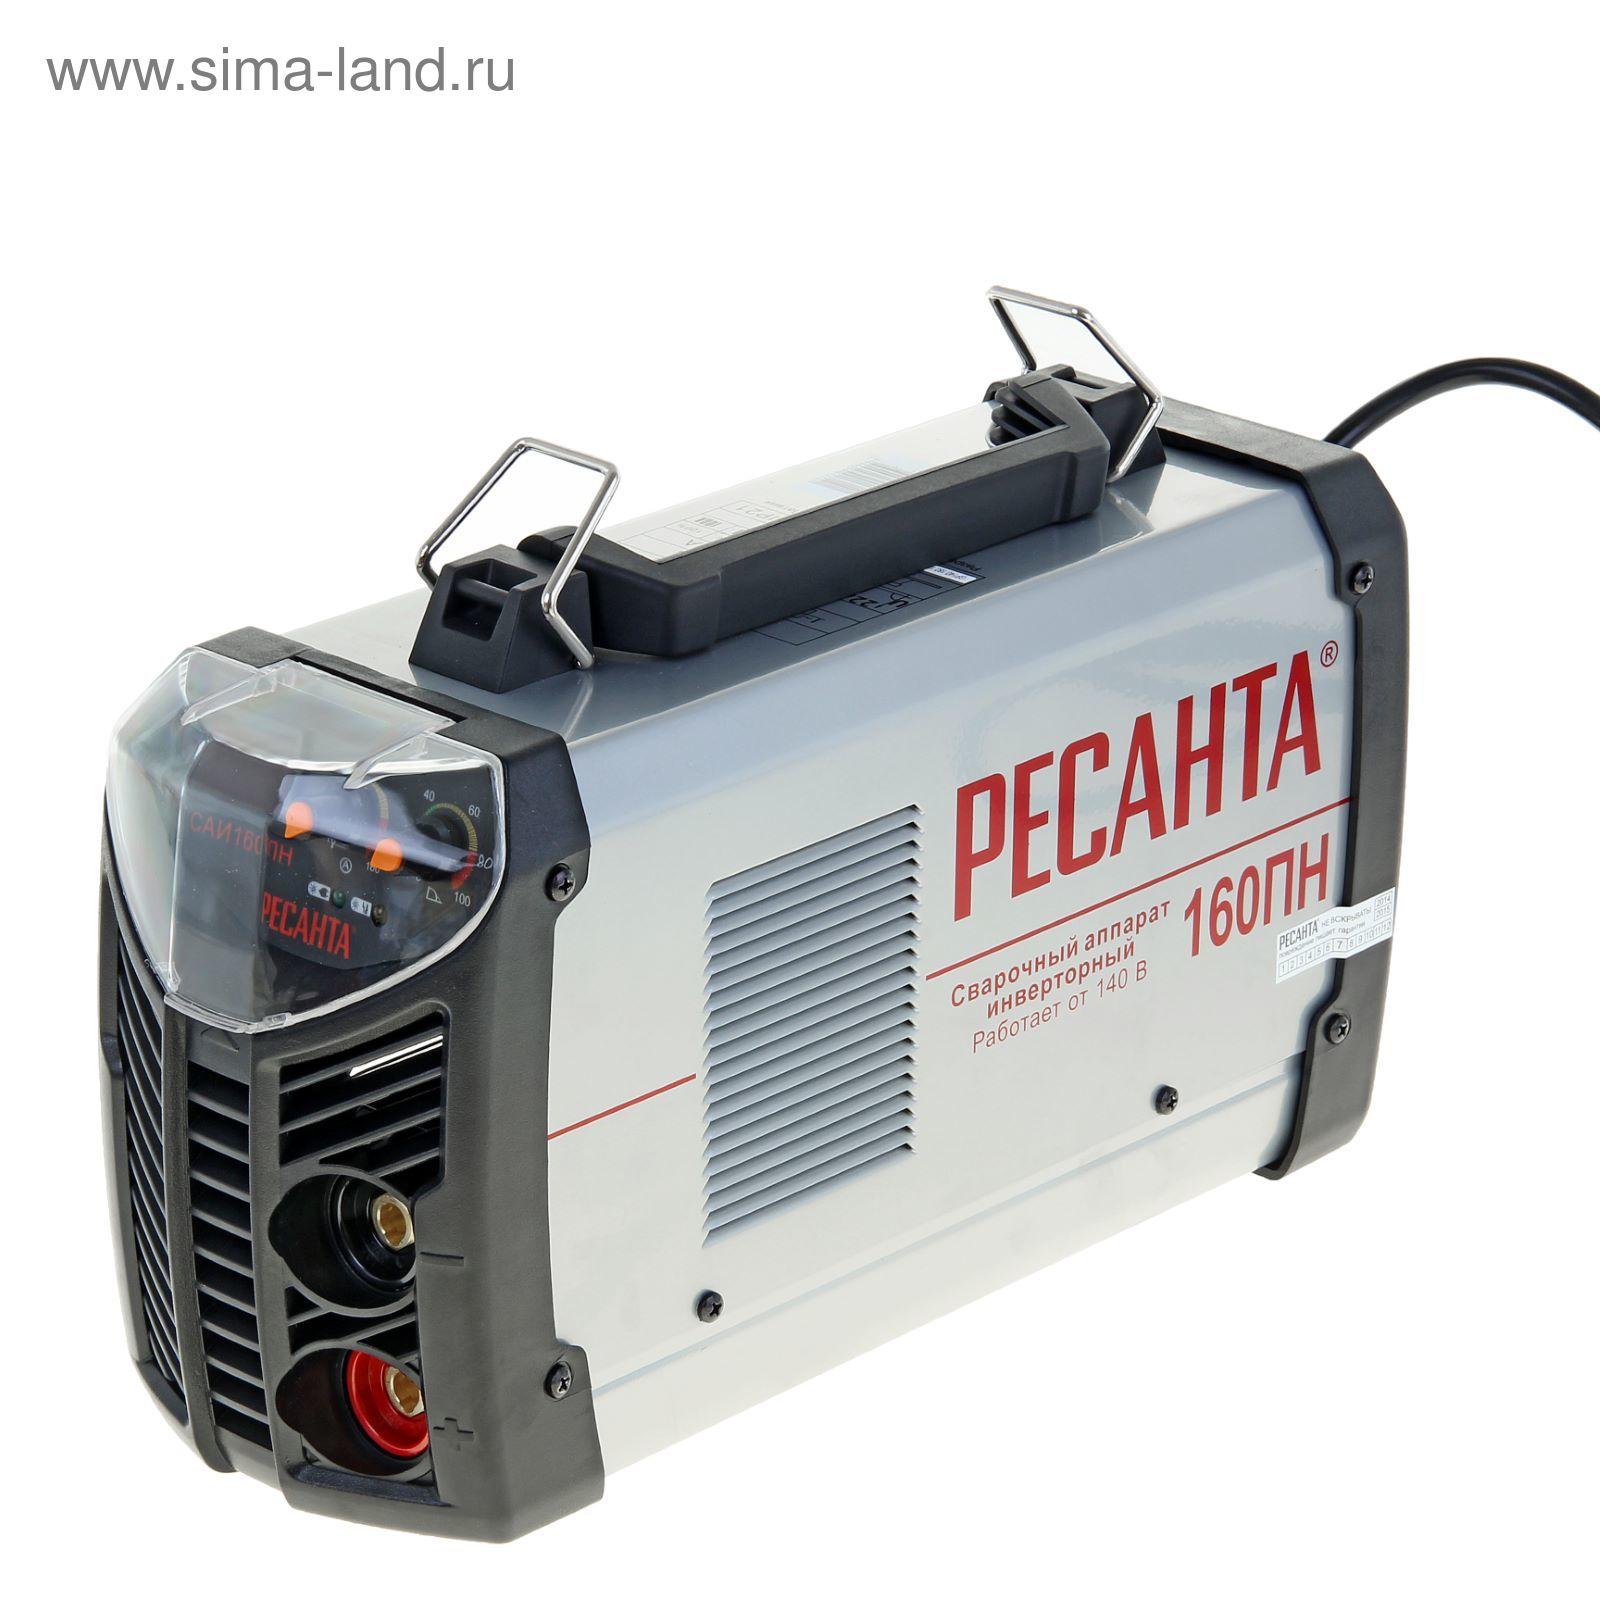 Генератор для сварочного аппарата ресанта 160 бензиновый генератор moller цена